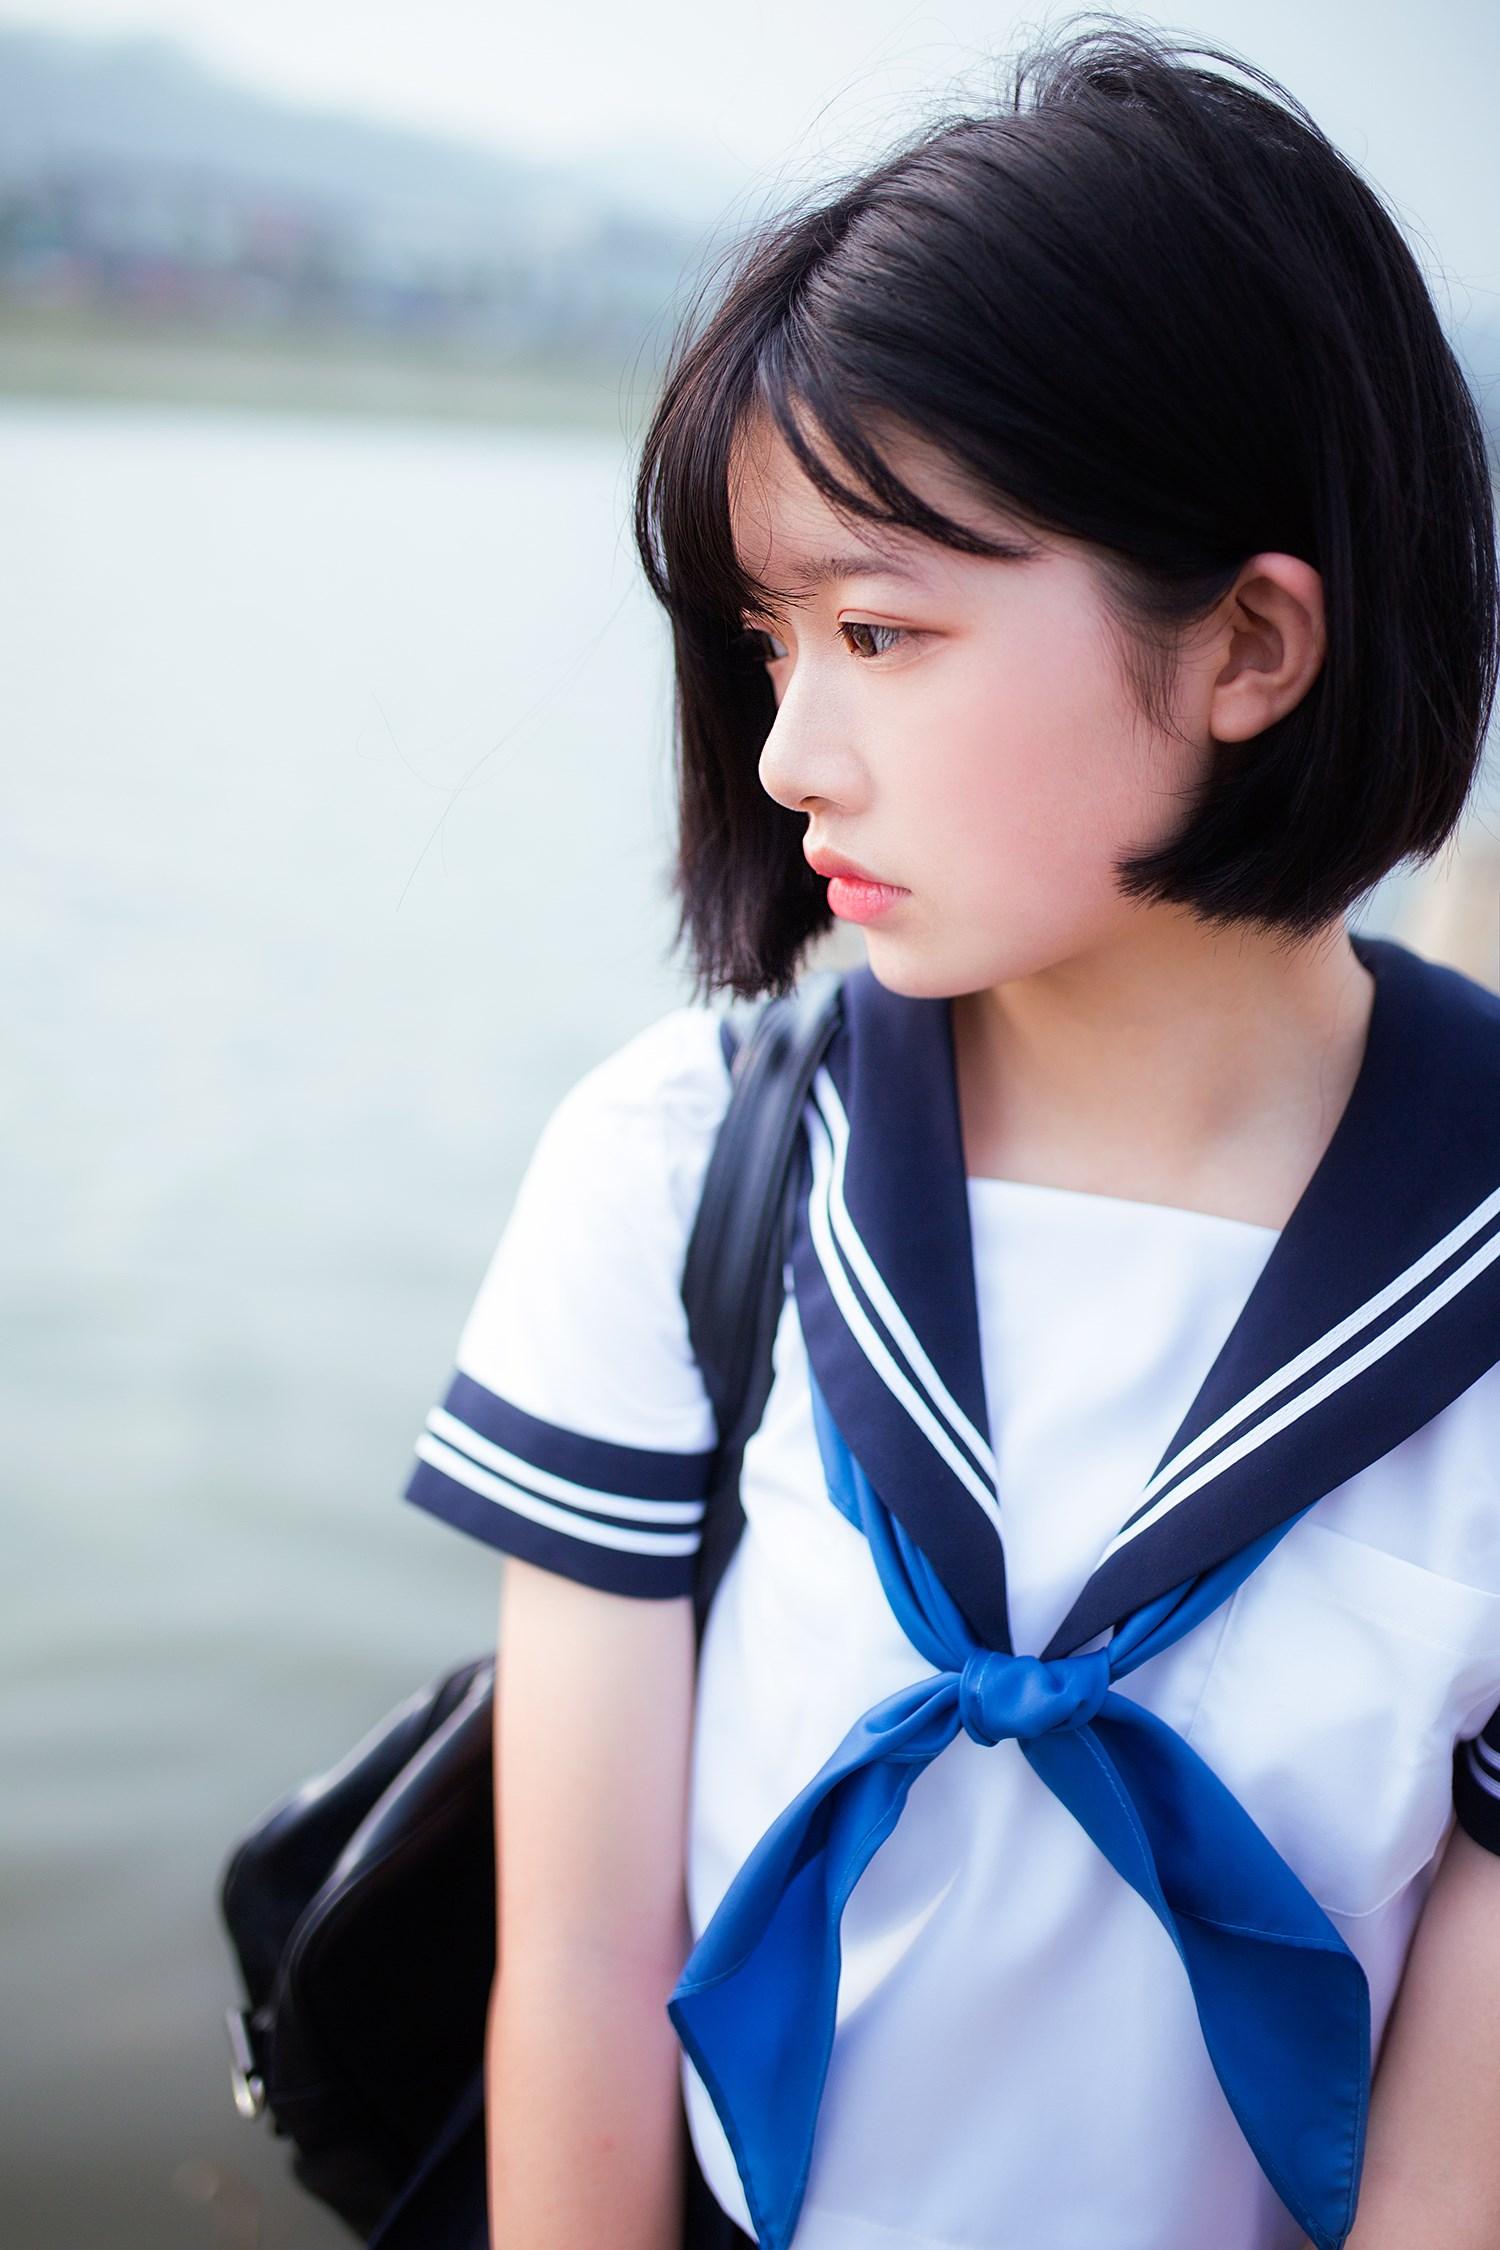 【兔玩映画】水手服-你笑的颜色 兔玩映画 第44张